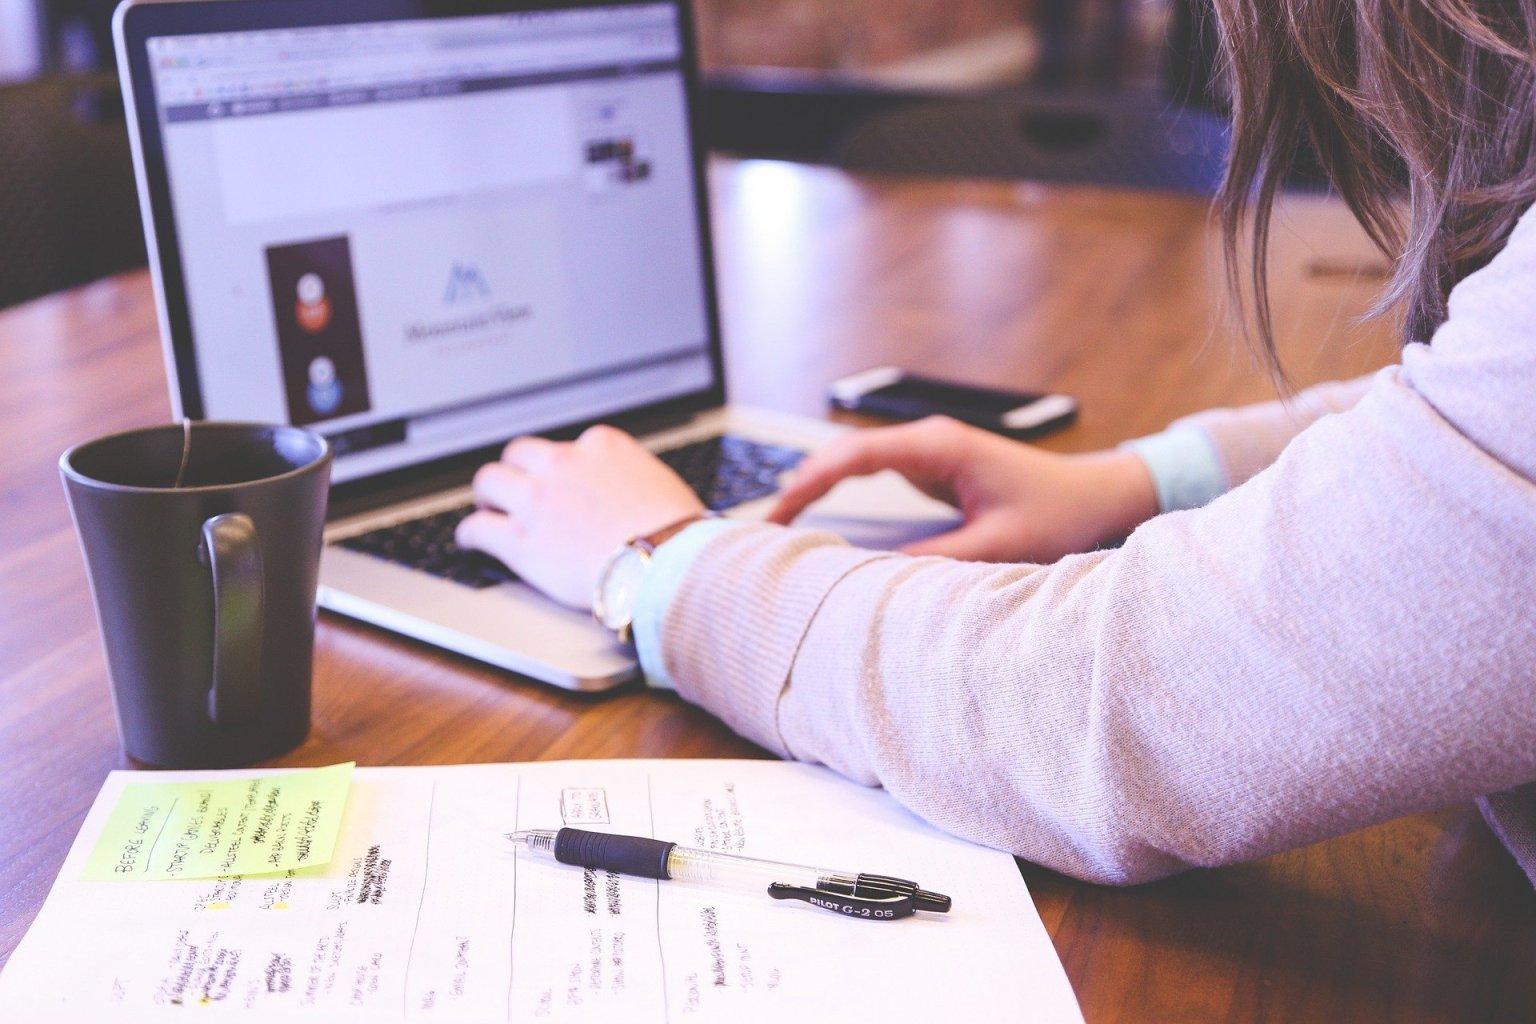 Le contrat d'apprentissage fait parti des contrats proposés par l'agence d'intérim Annecy et Chambéry.